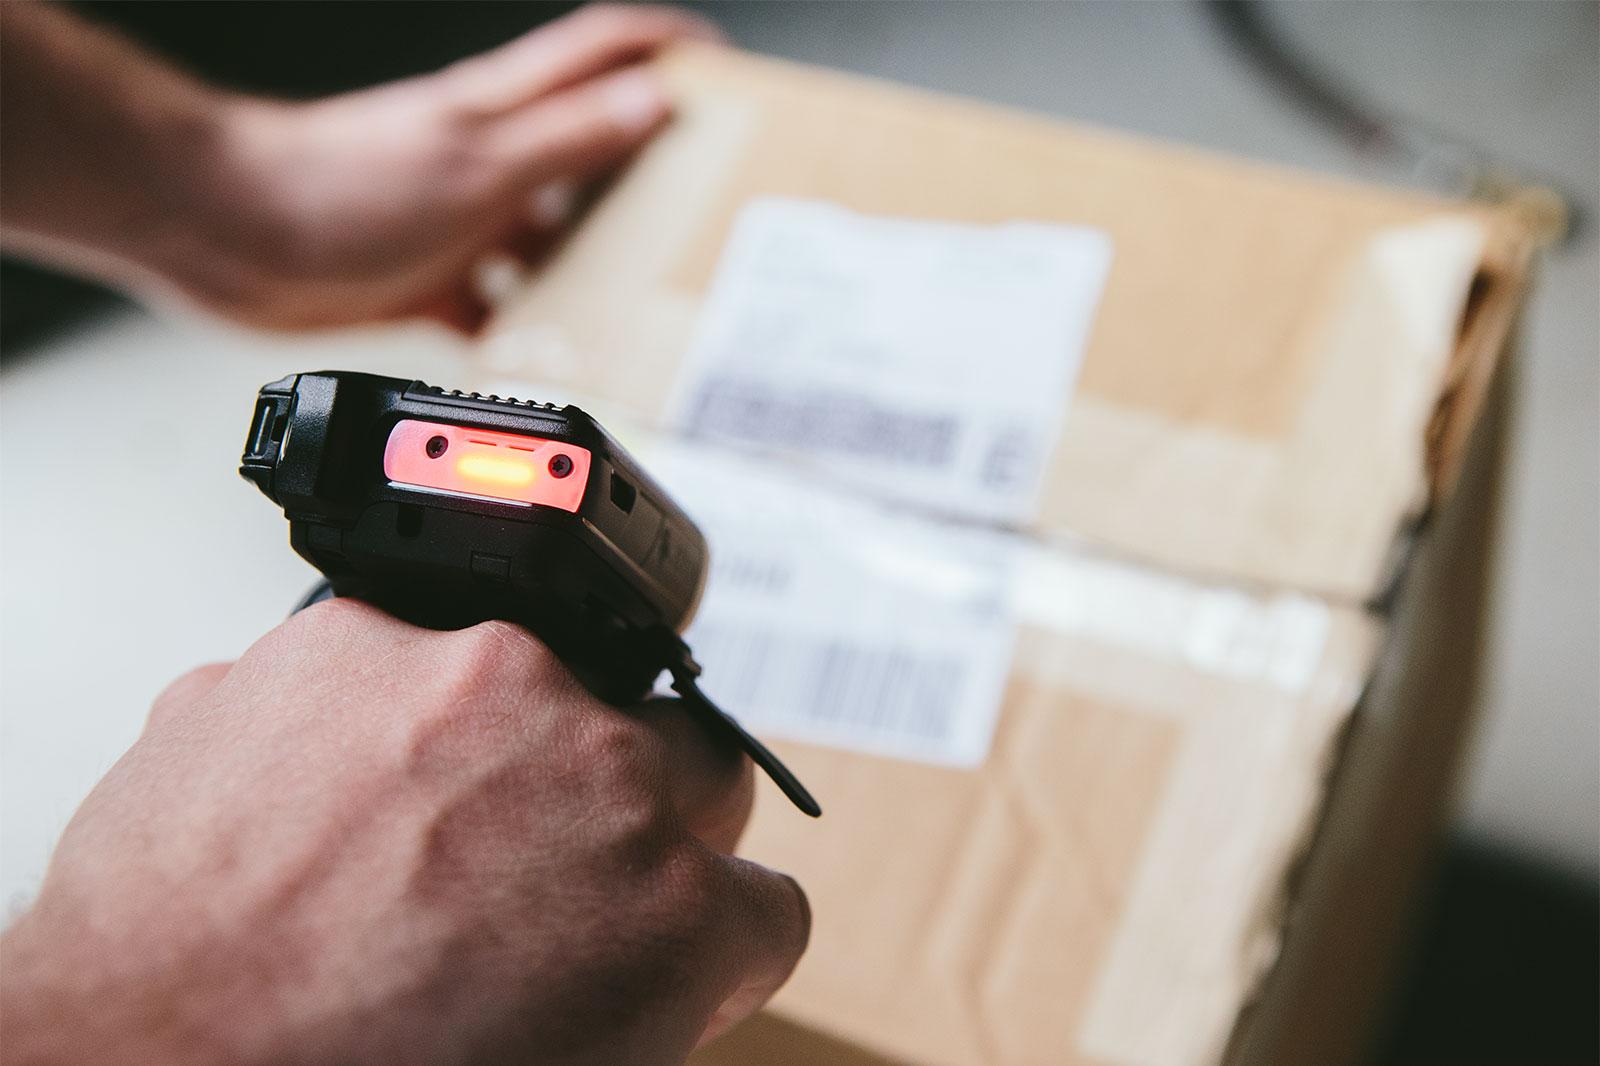 Zebra RS6000 ринг скенер с Bluetooth - приложение снимка 1